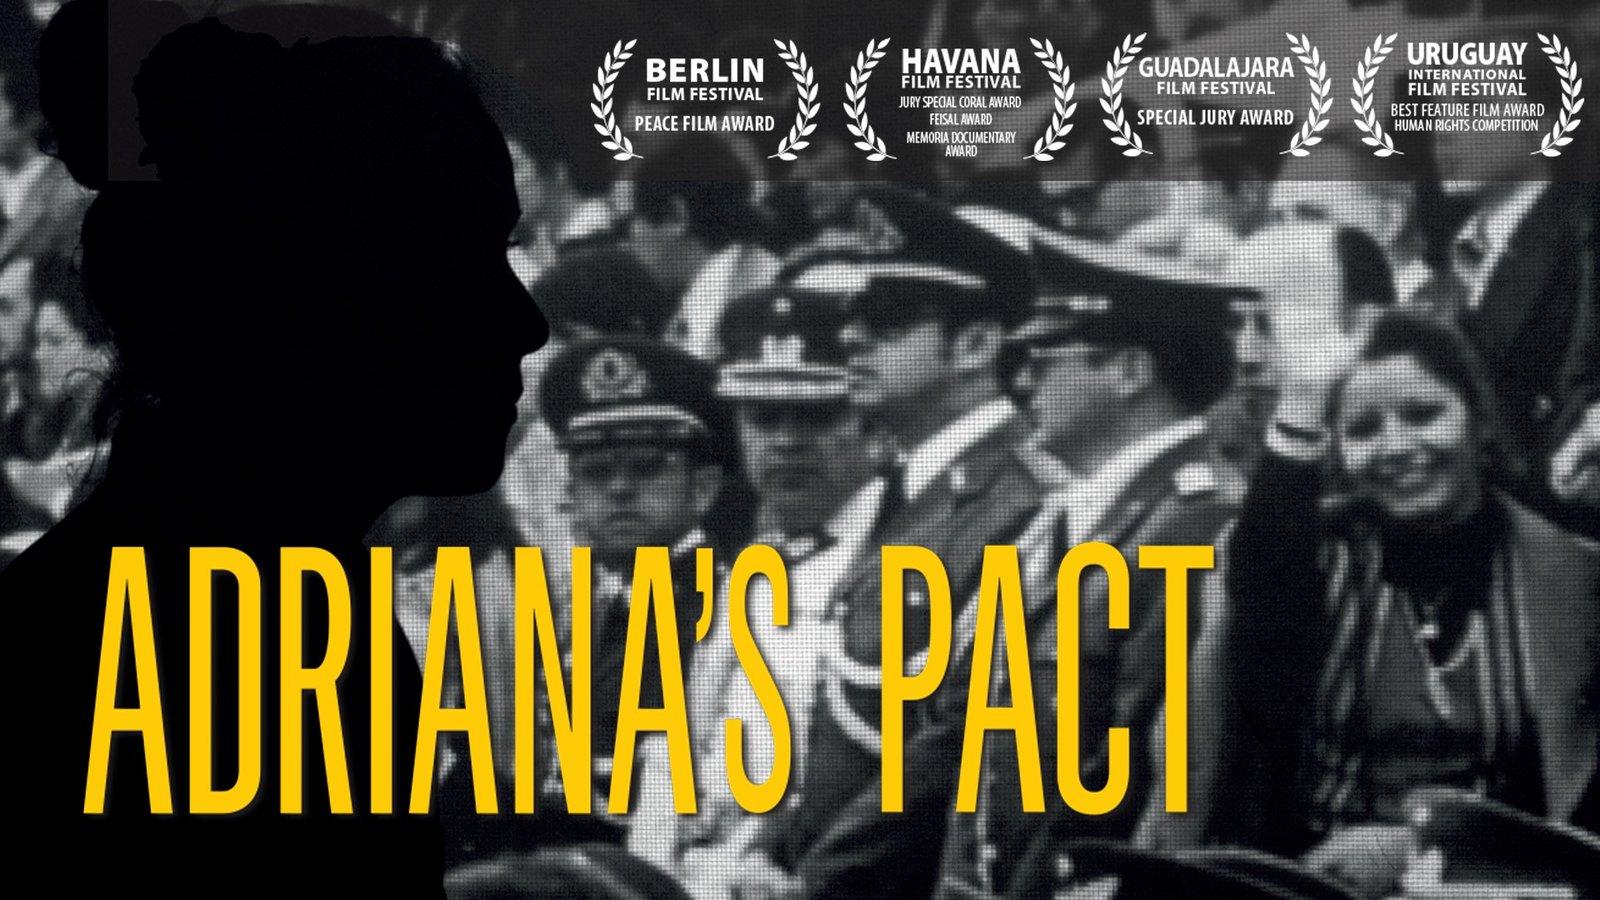 Adriana's Pact - El Pacto de Adriana